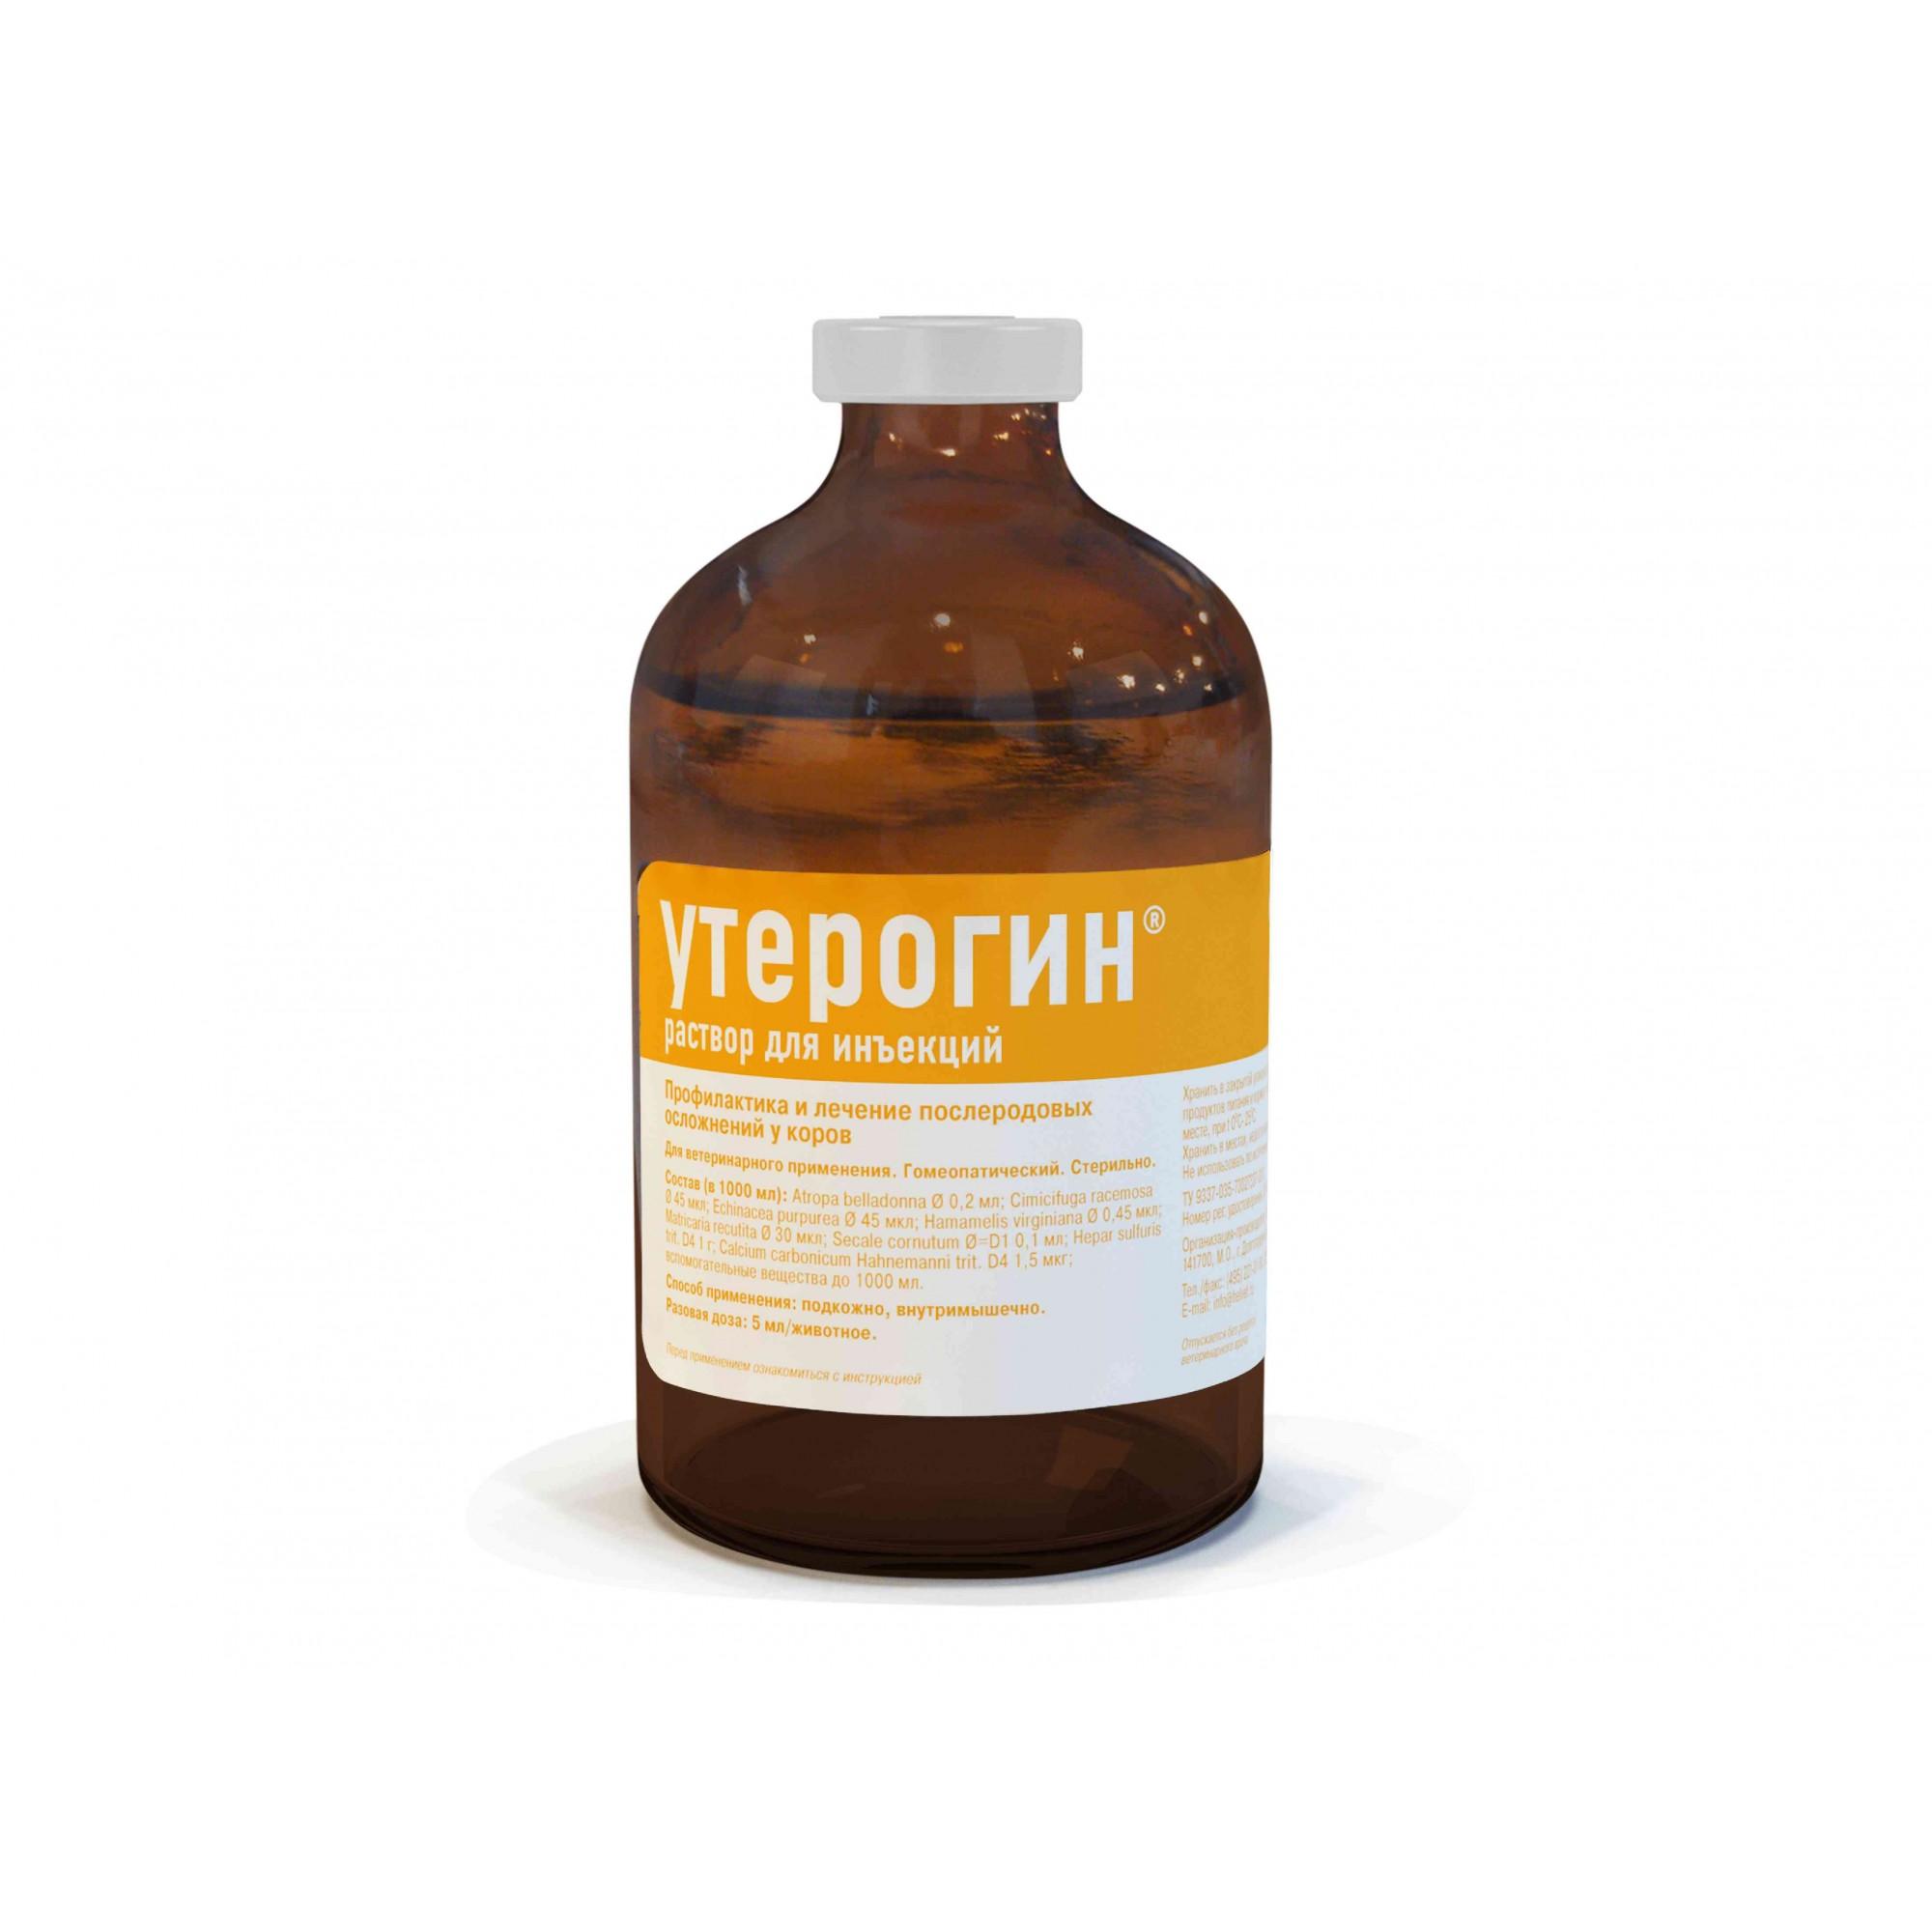 Утерогин® - утеротоник пролонгированного действия с противовоспалительным эффектом